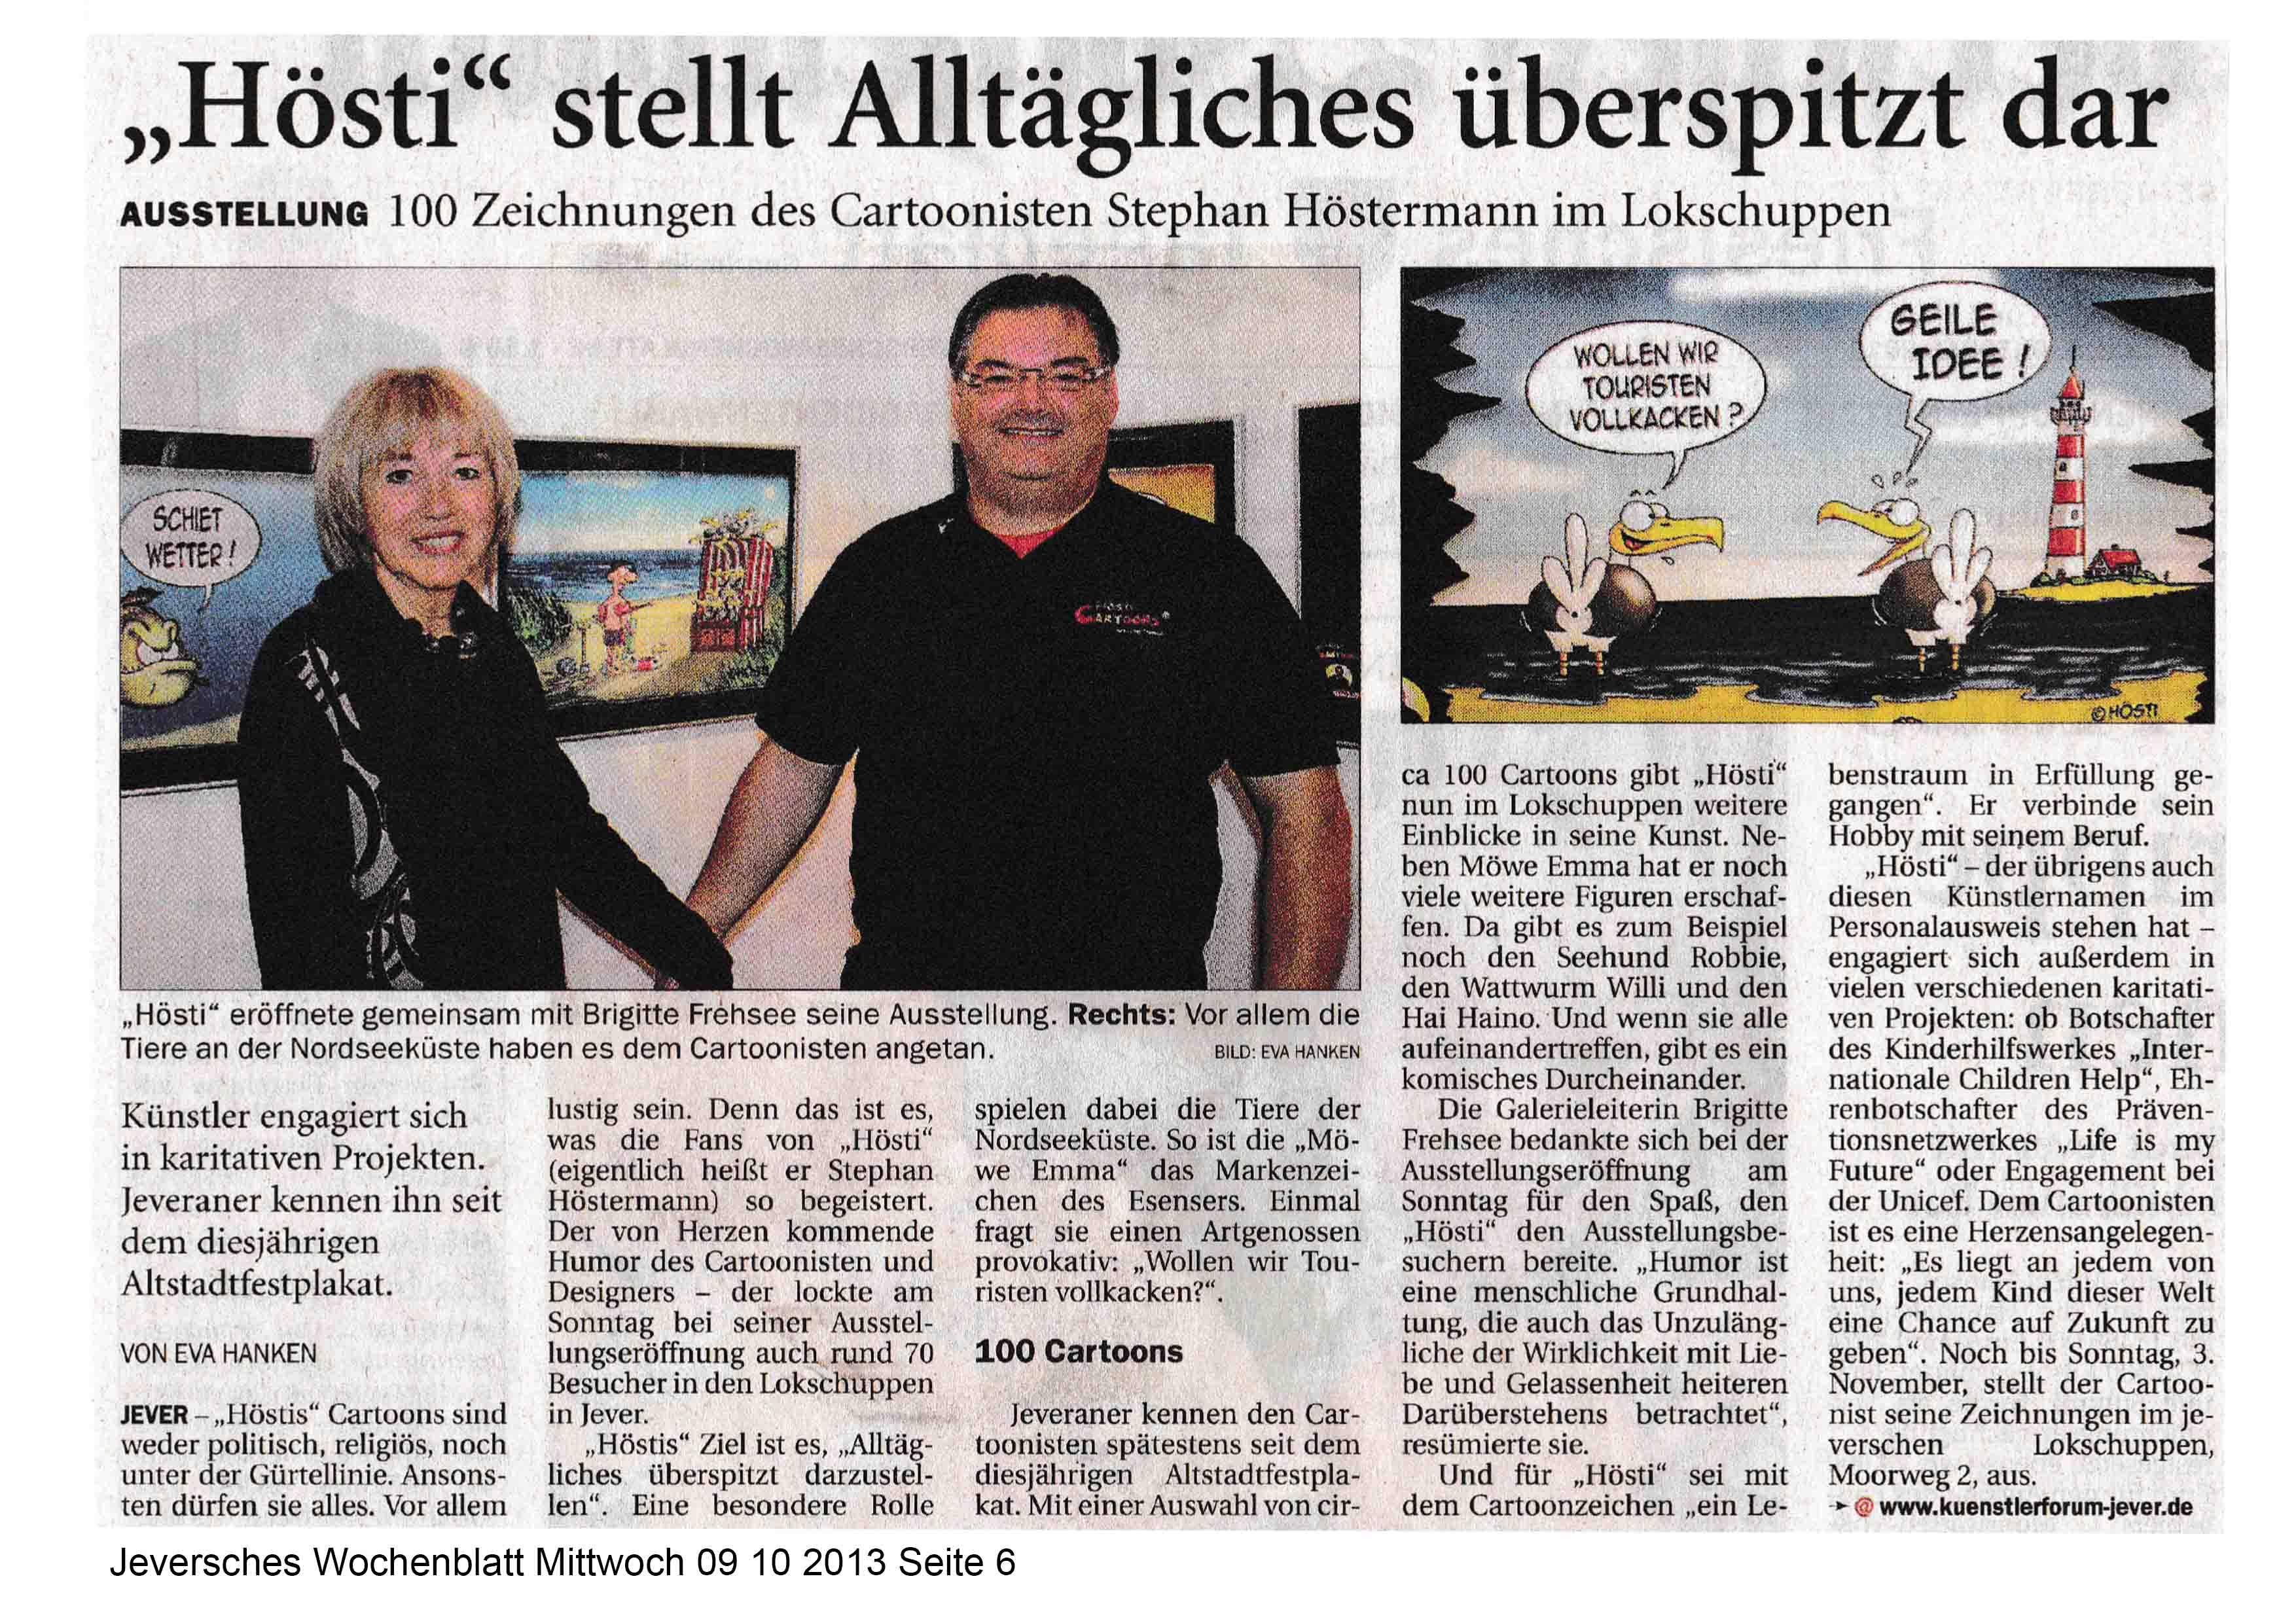 Jeversches Wochenblatt Mittwoch 09 10 2013 Seite 6